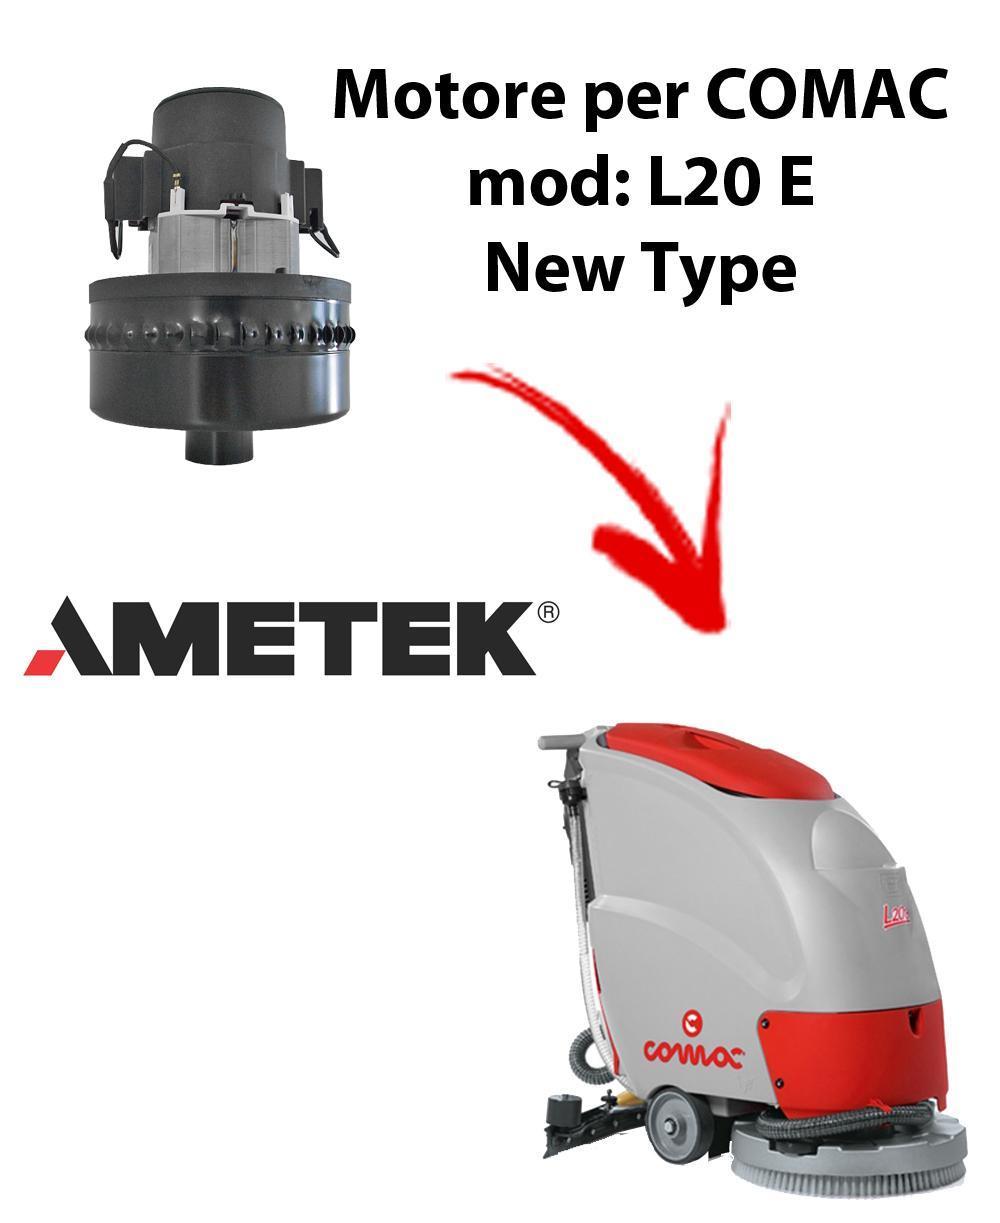 L20E New Type Motore de aspiración Ametek para fregadora Comac